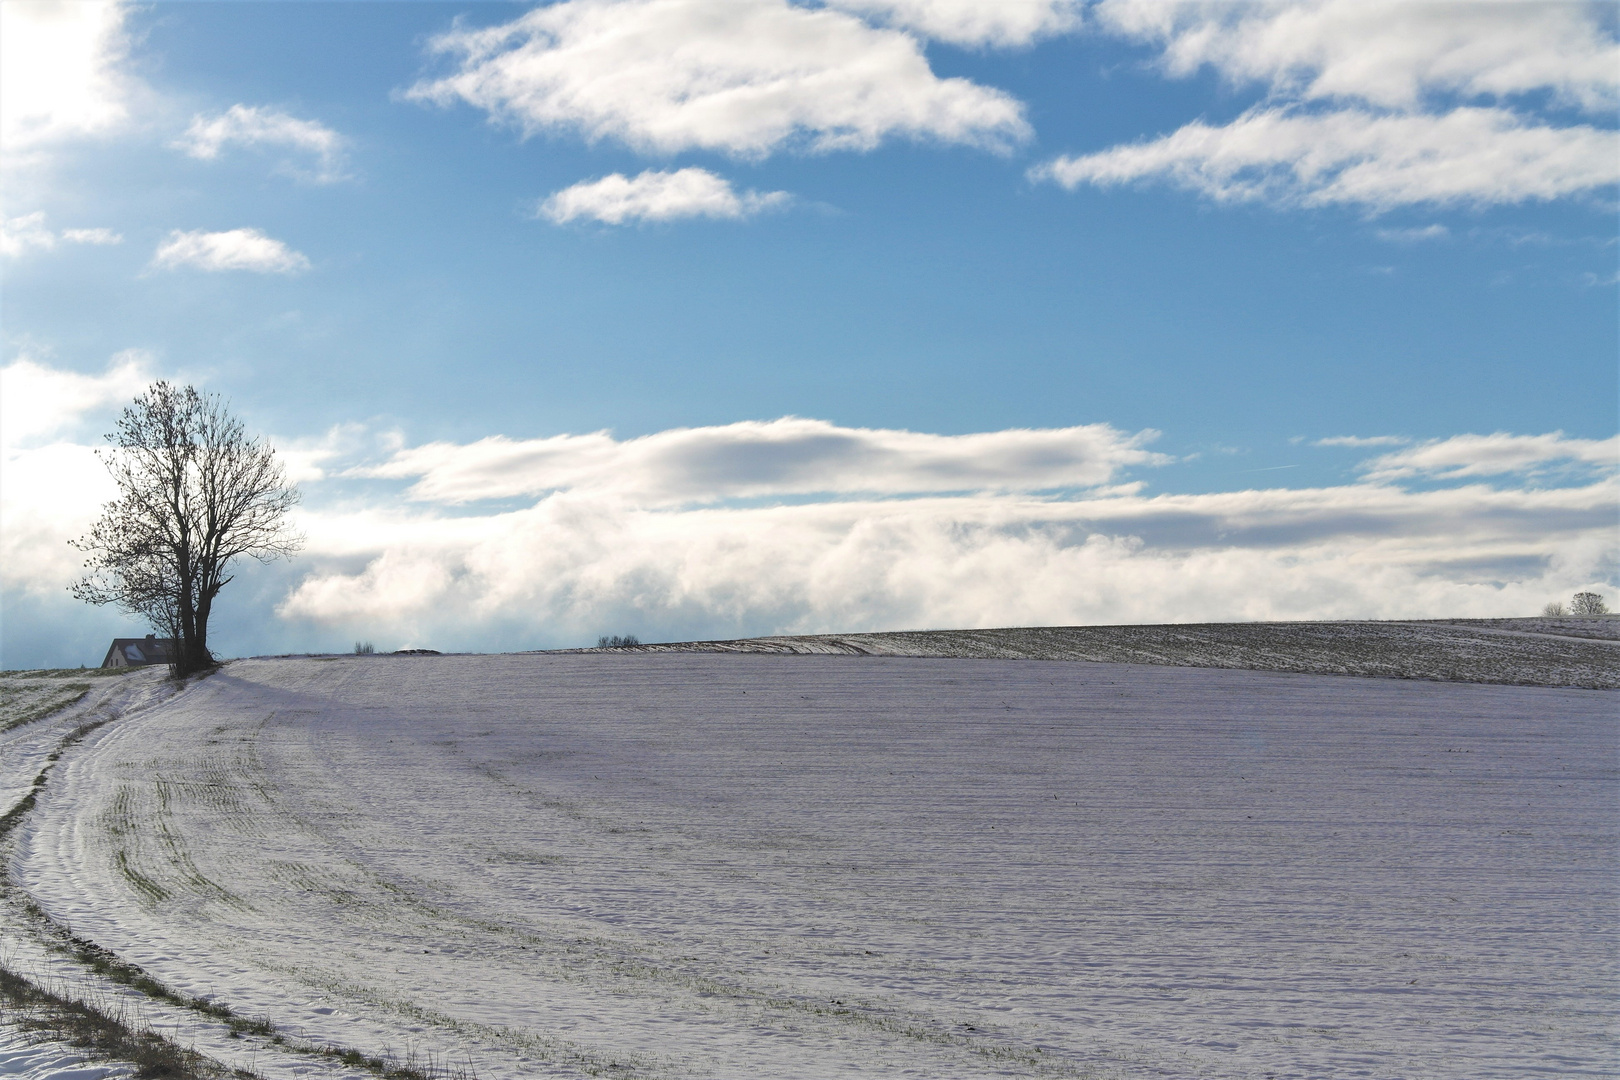 6.1.2019 Weiß auf Feldern unter  weißen Wolken  im Himmelsblau